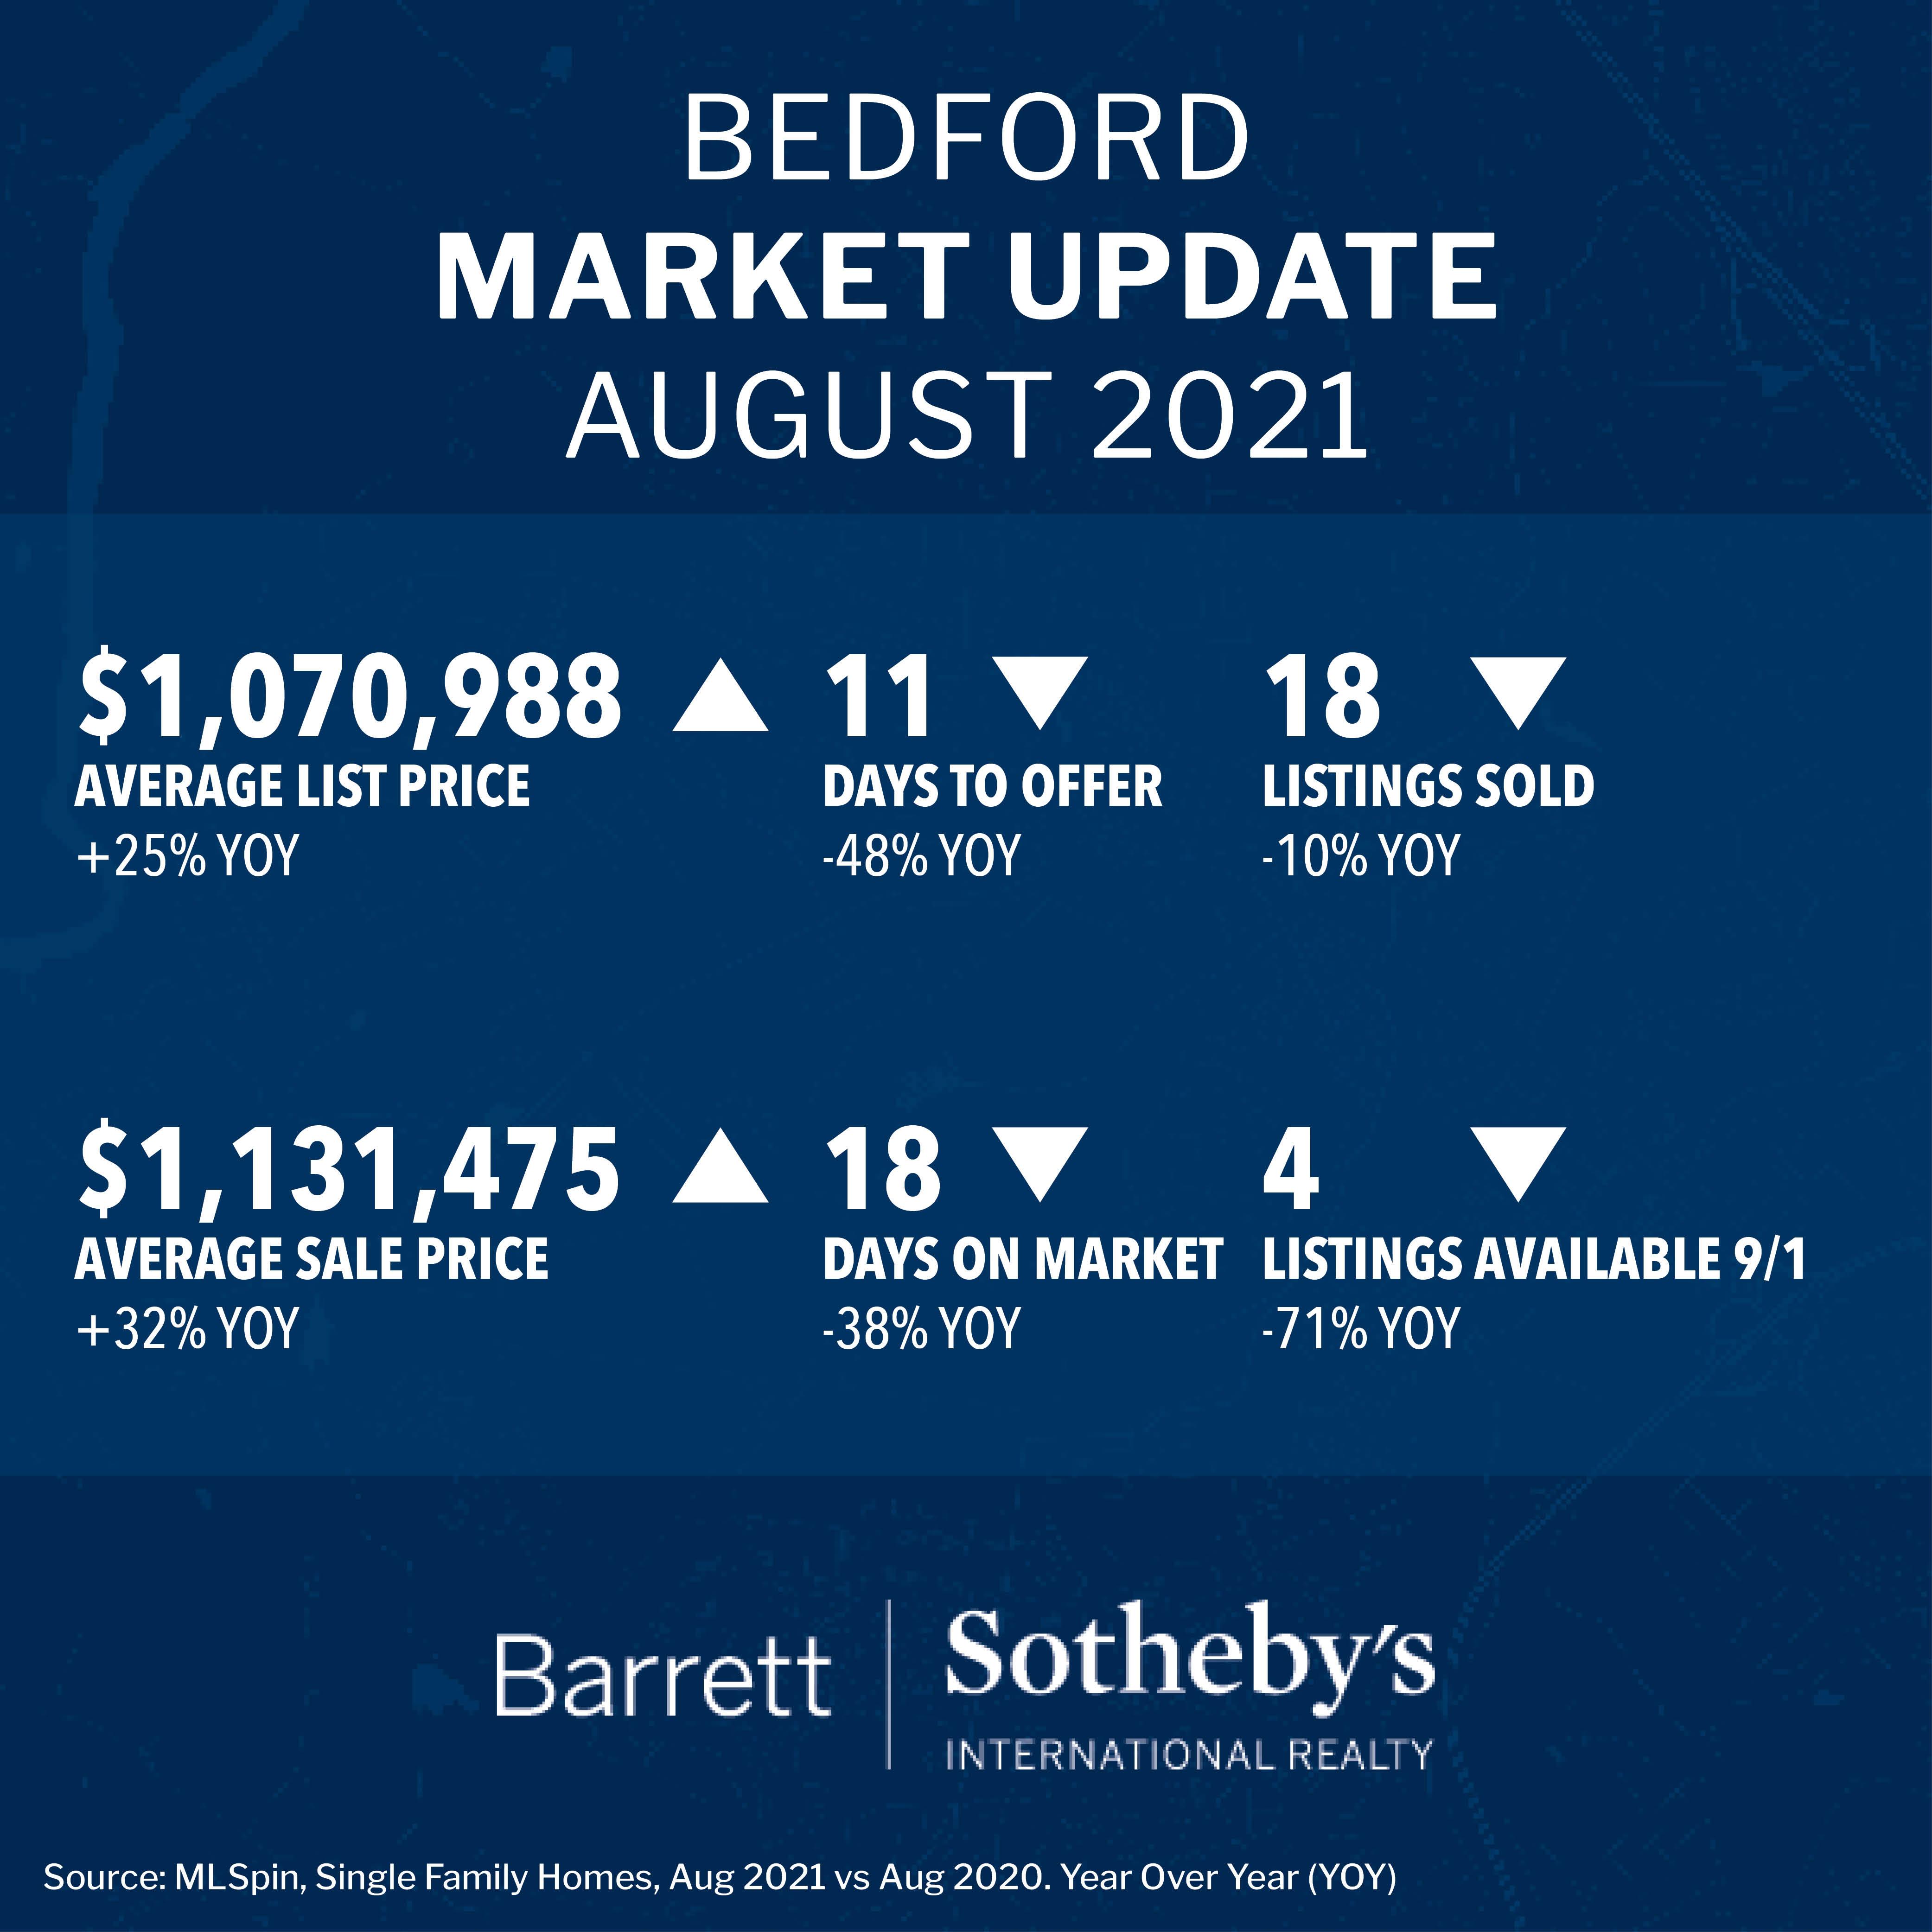 Bedford Market Update August 2021